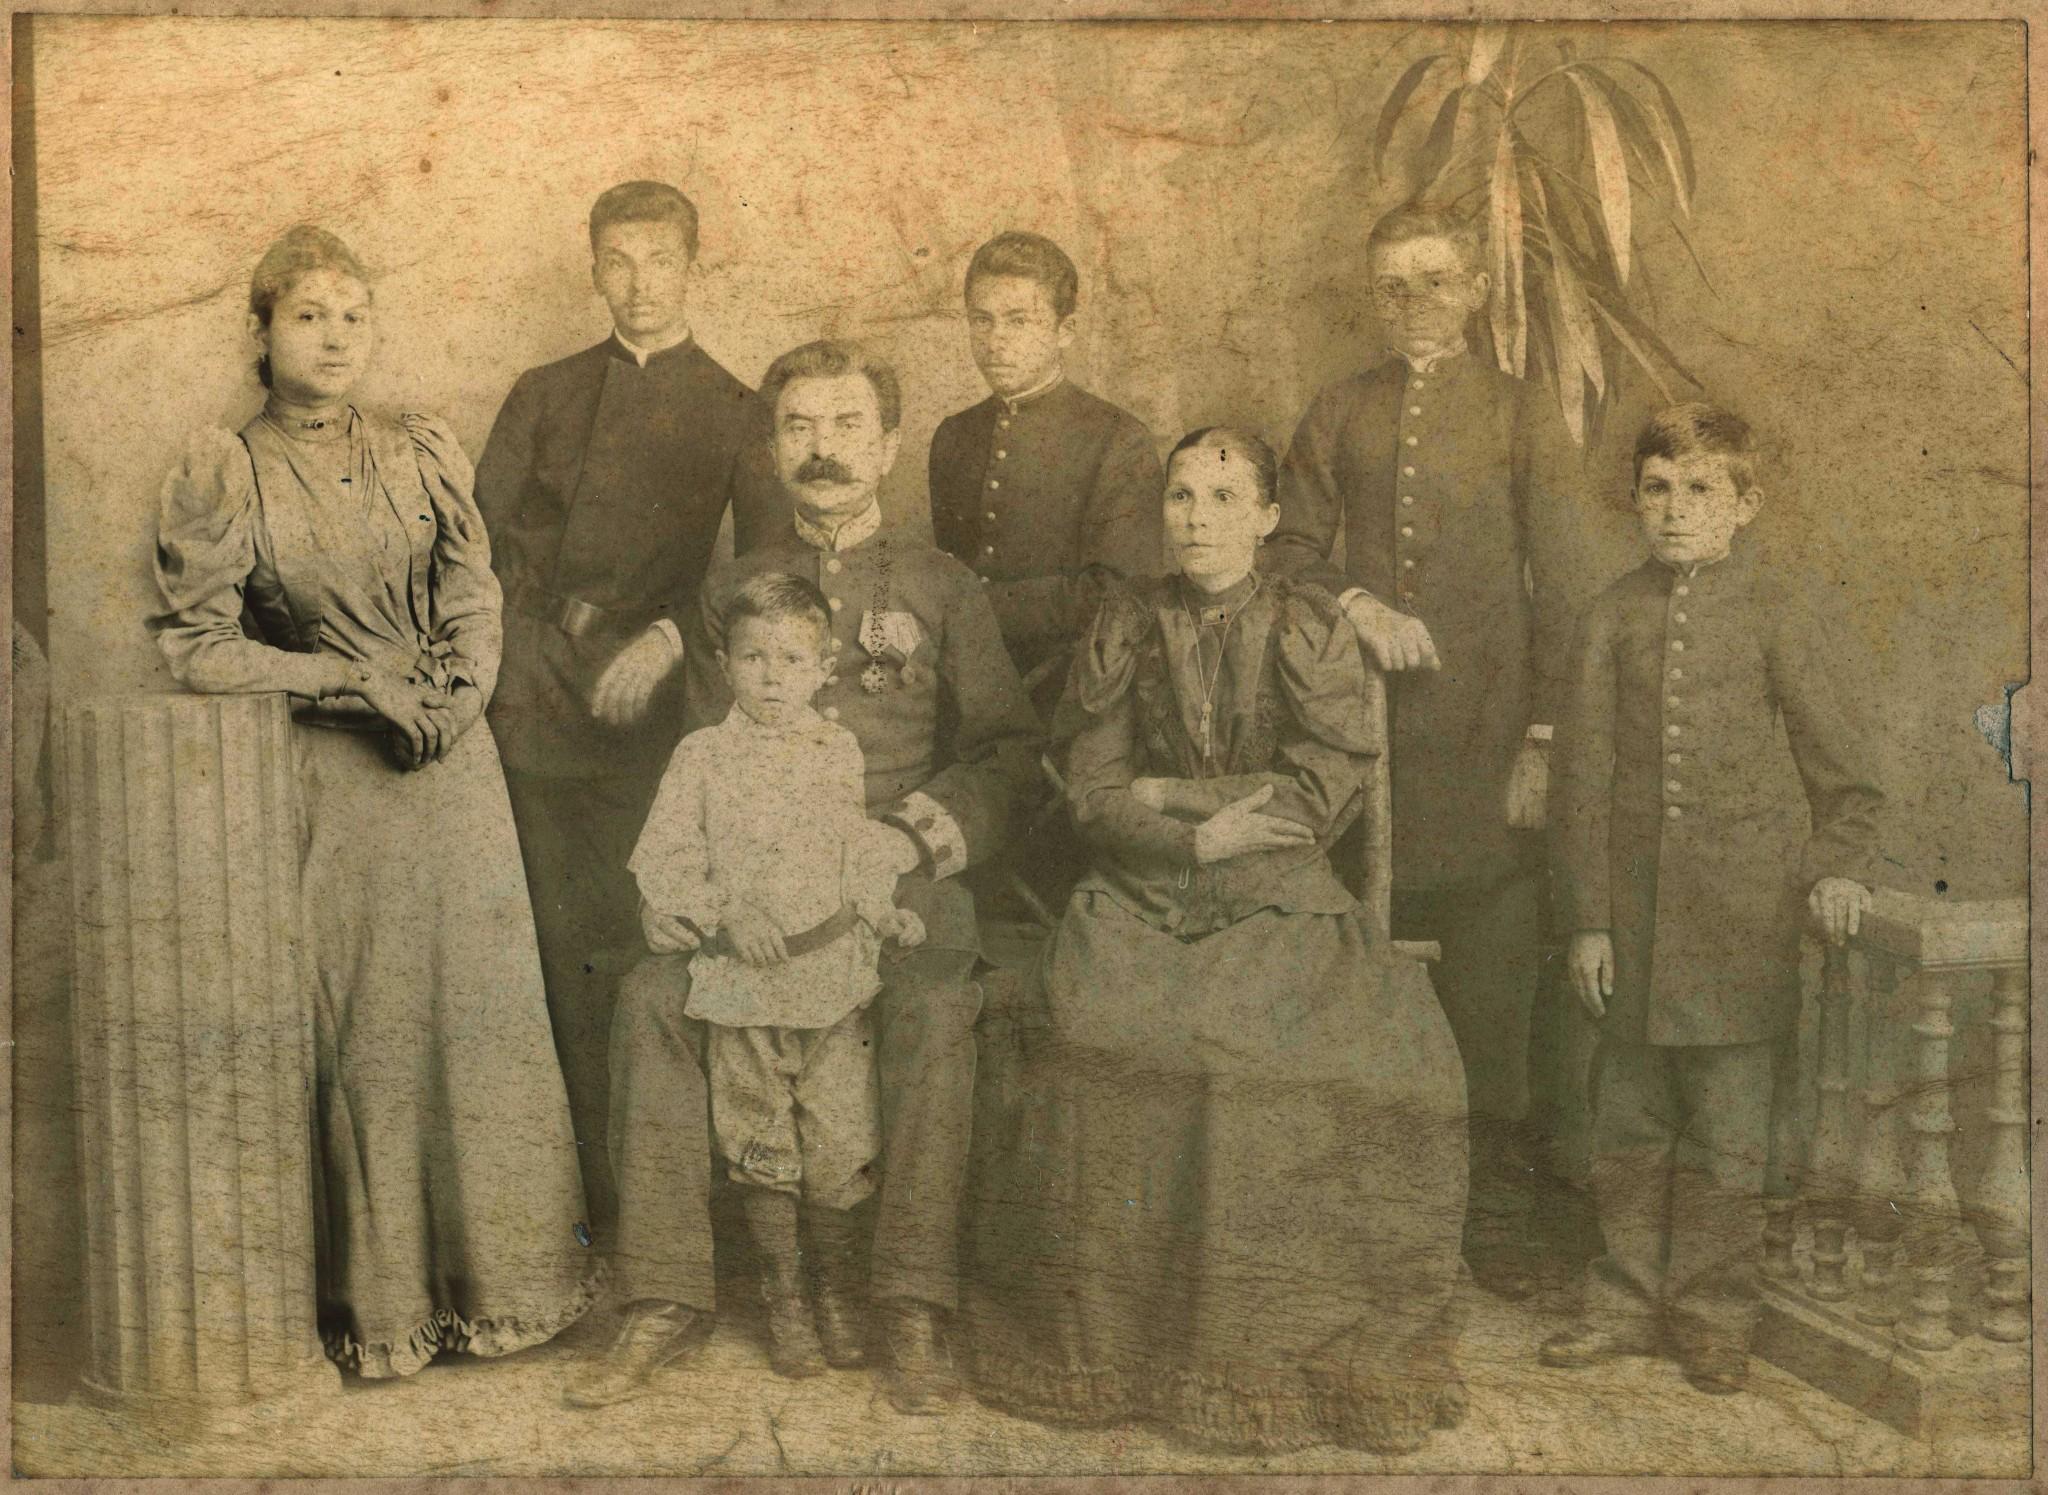 Photo: Хасидович Дмитрий Петрович с женой Марией Васильевной и детьми. Владимир стоит крайний справа.